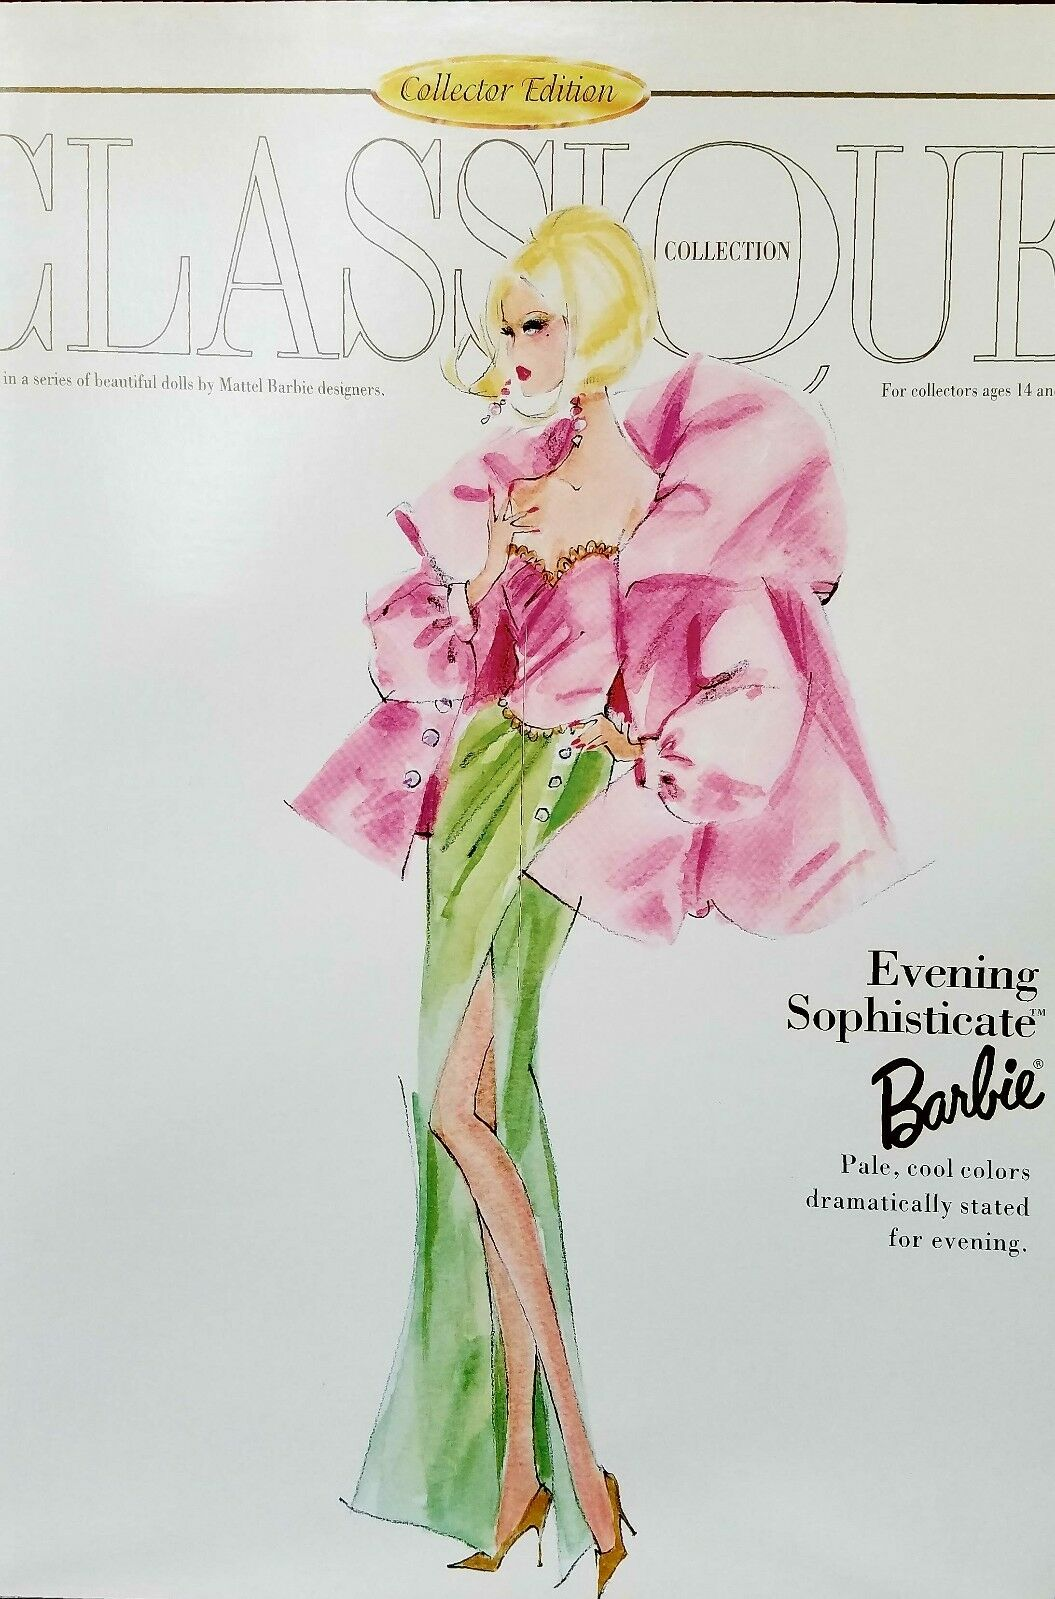 Noche Sophisticate Barbie Classique Collection